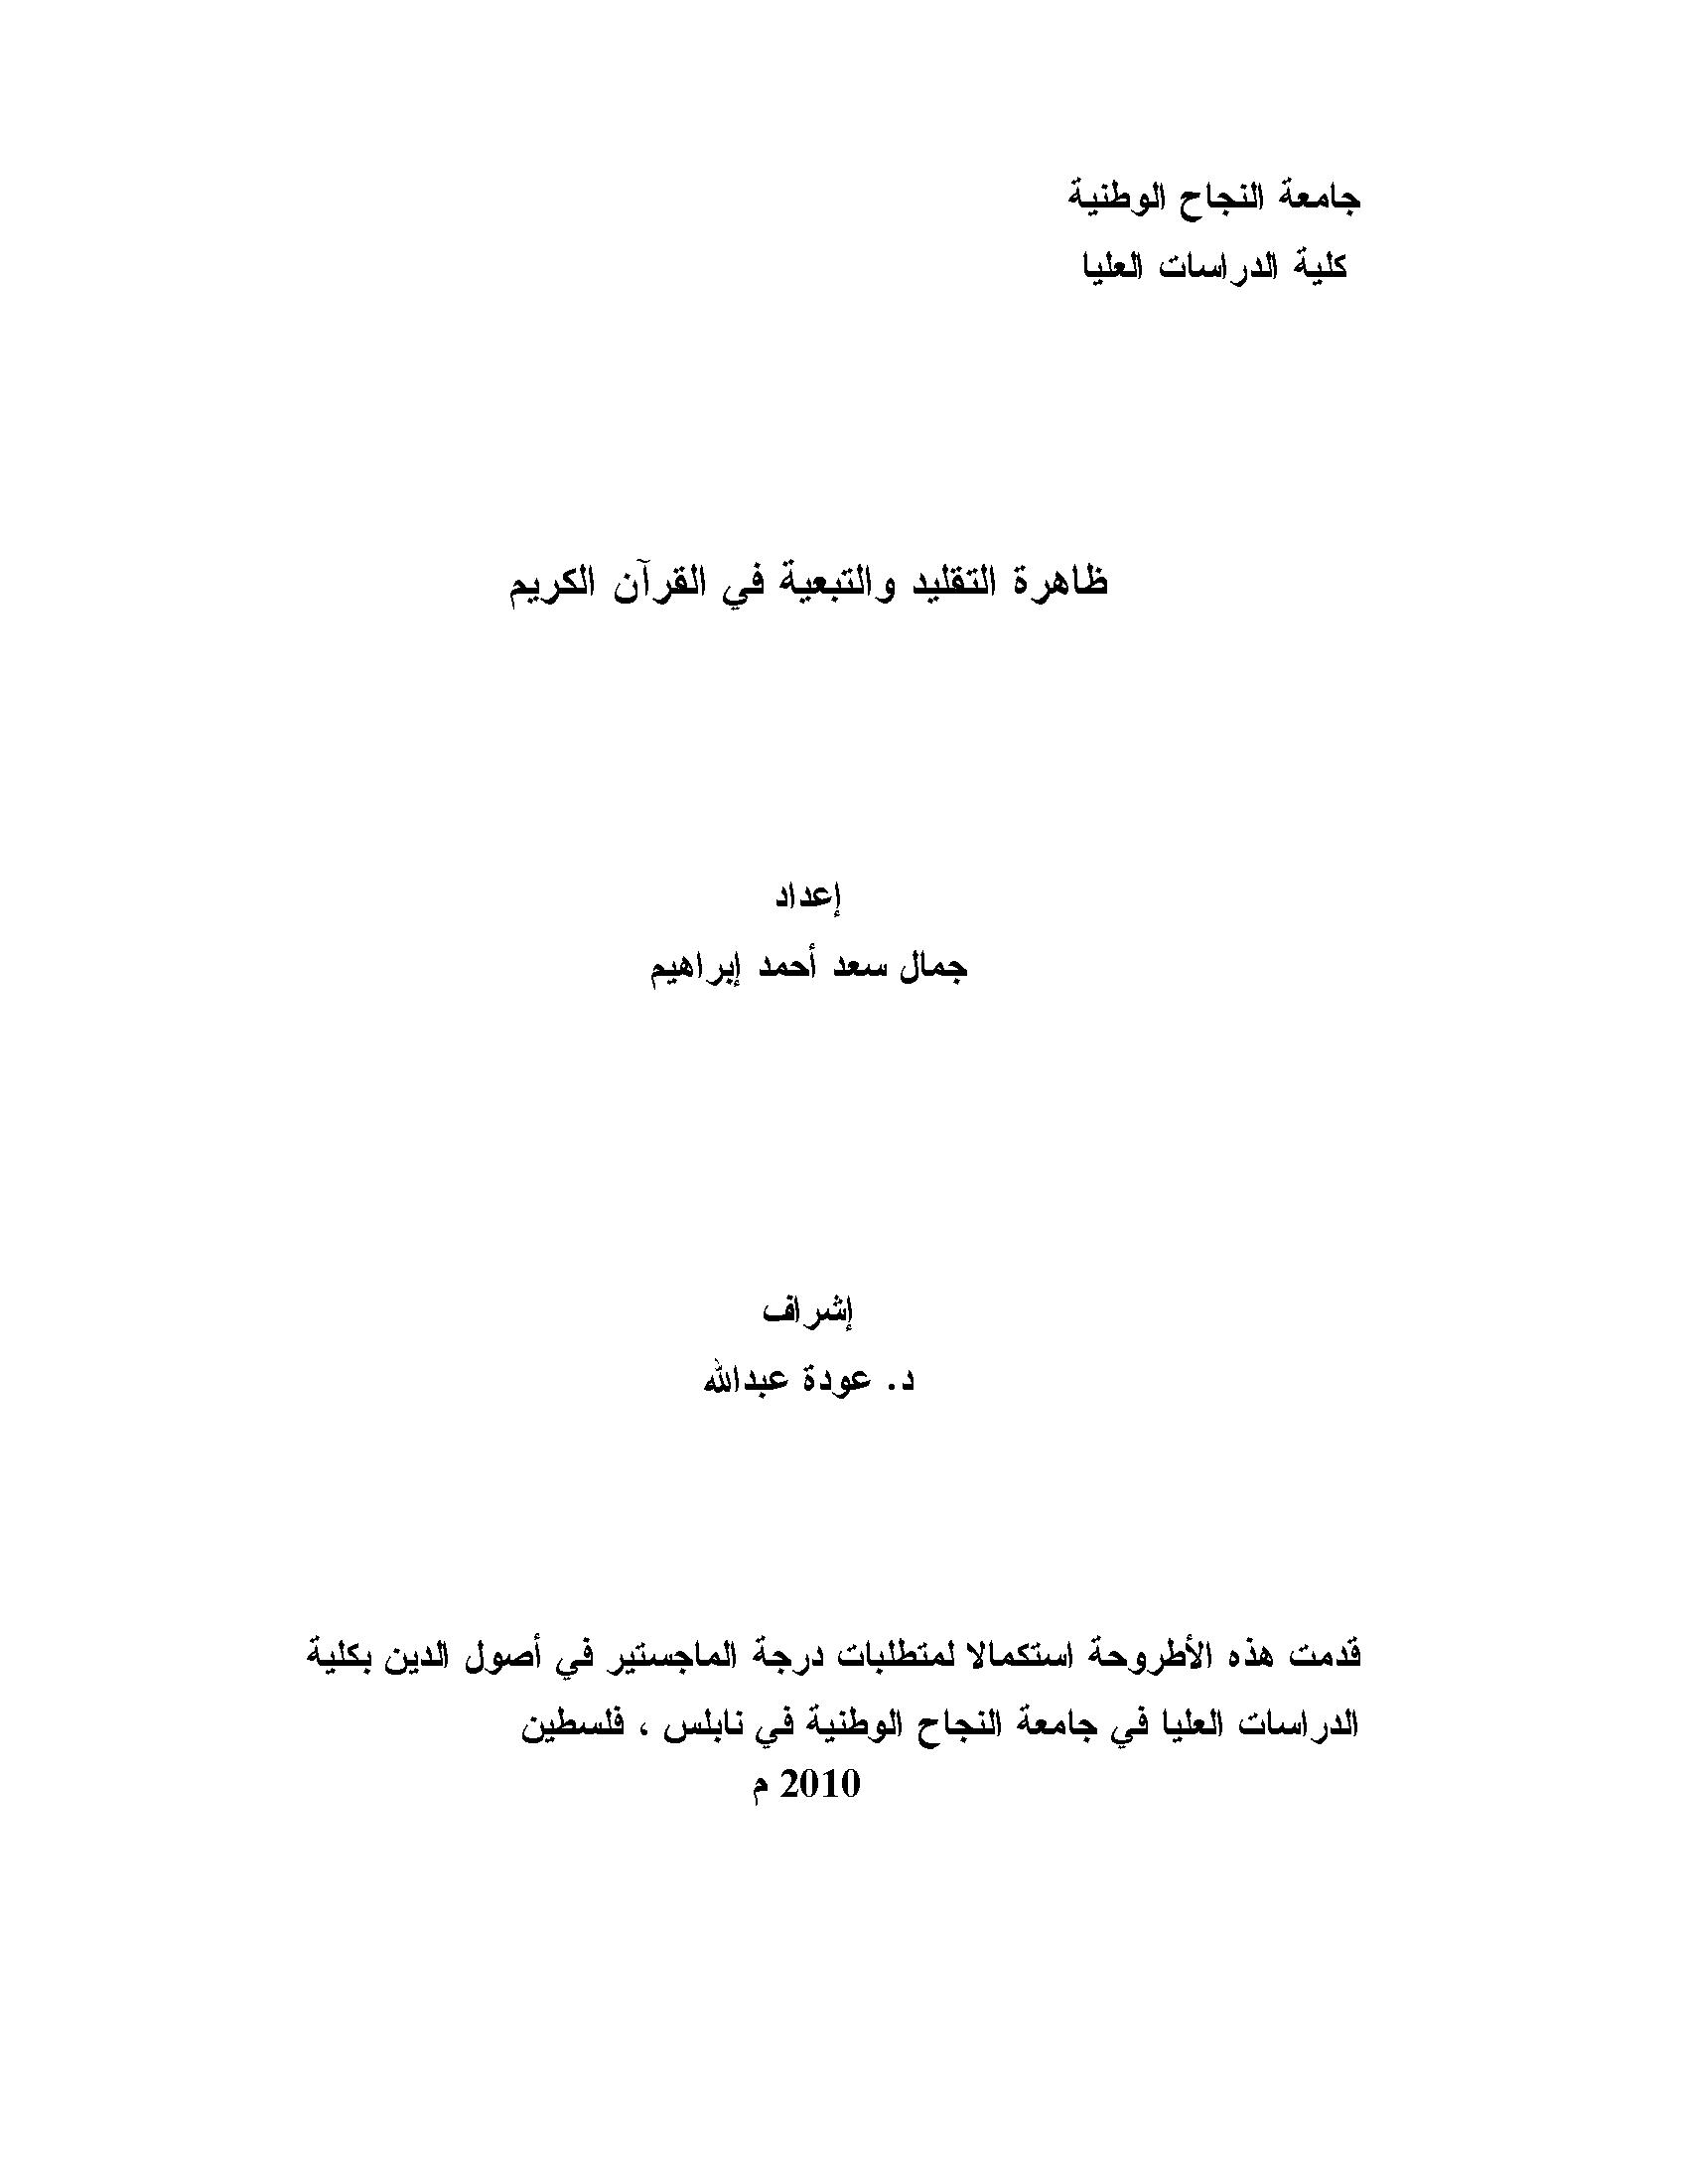 تحميل كتاب ظاهرة التقليد والتبعية في القرآن الكريم لـِ: جمال سعد أحمد إبراهيم